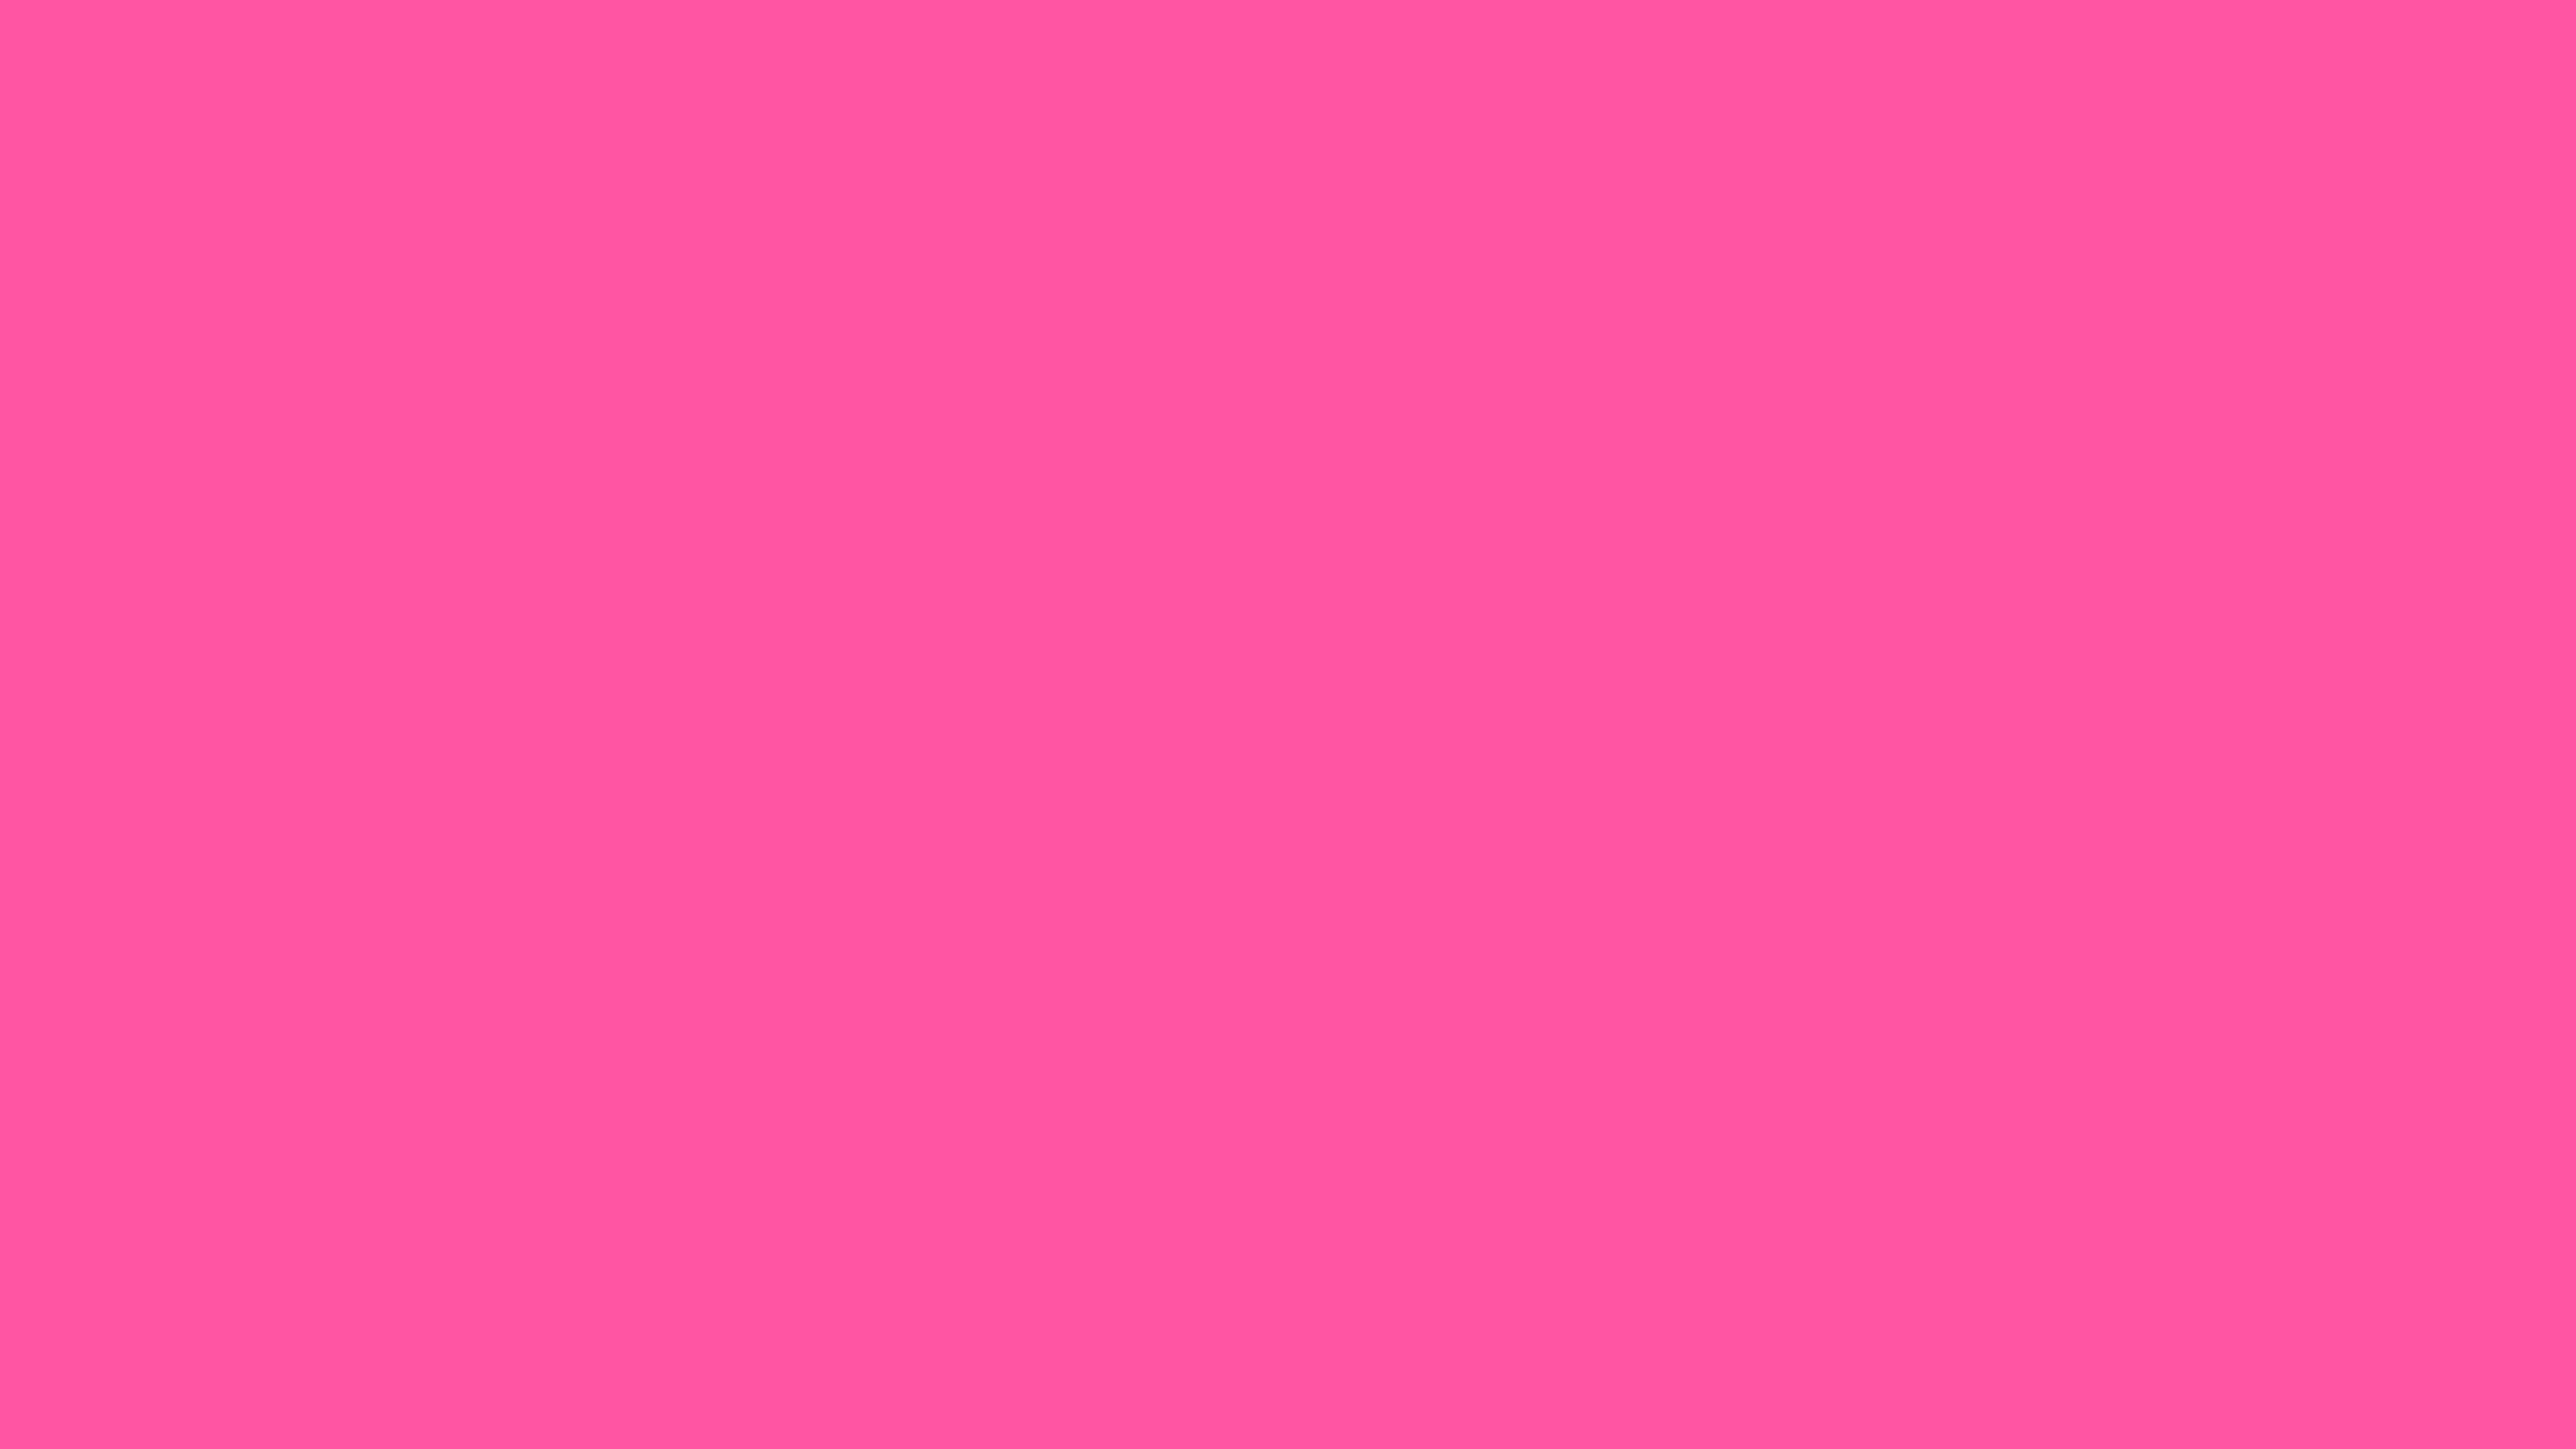 5120x2880 Magenta Crayola Solid Color Background